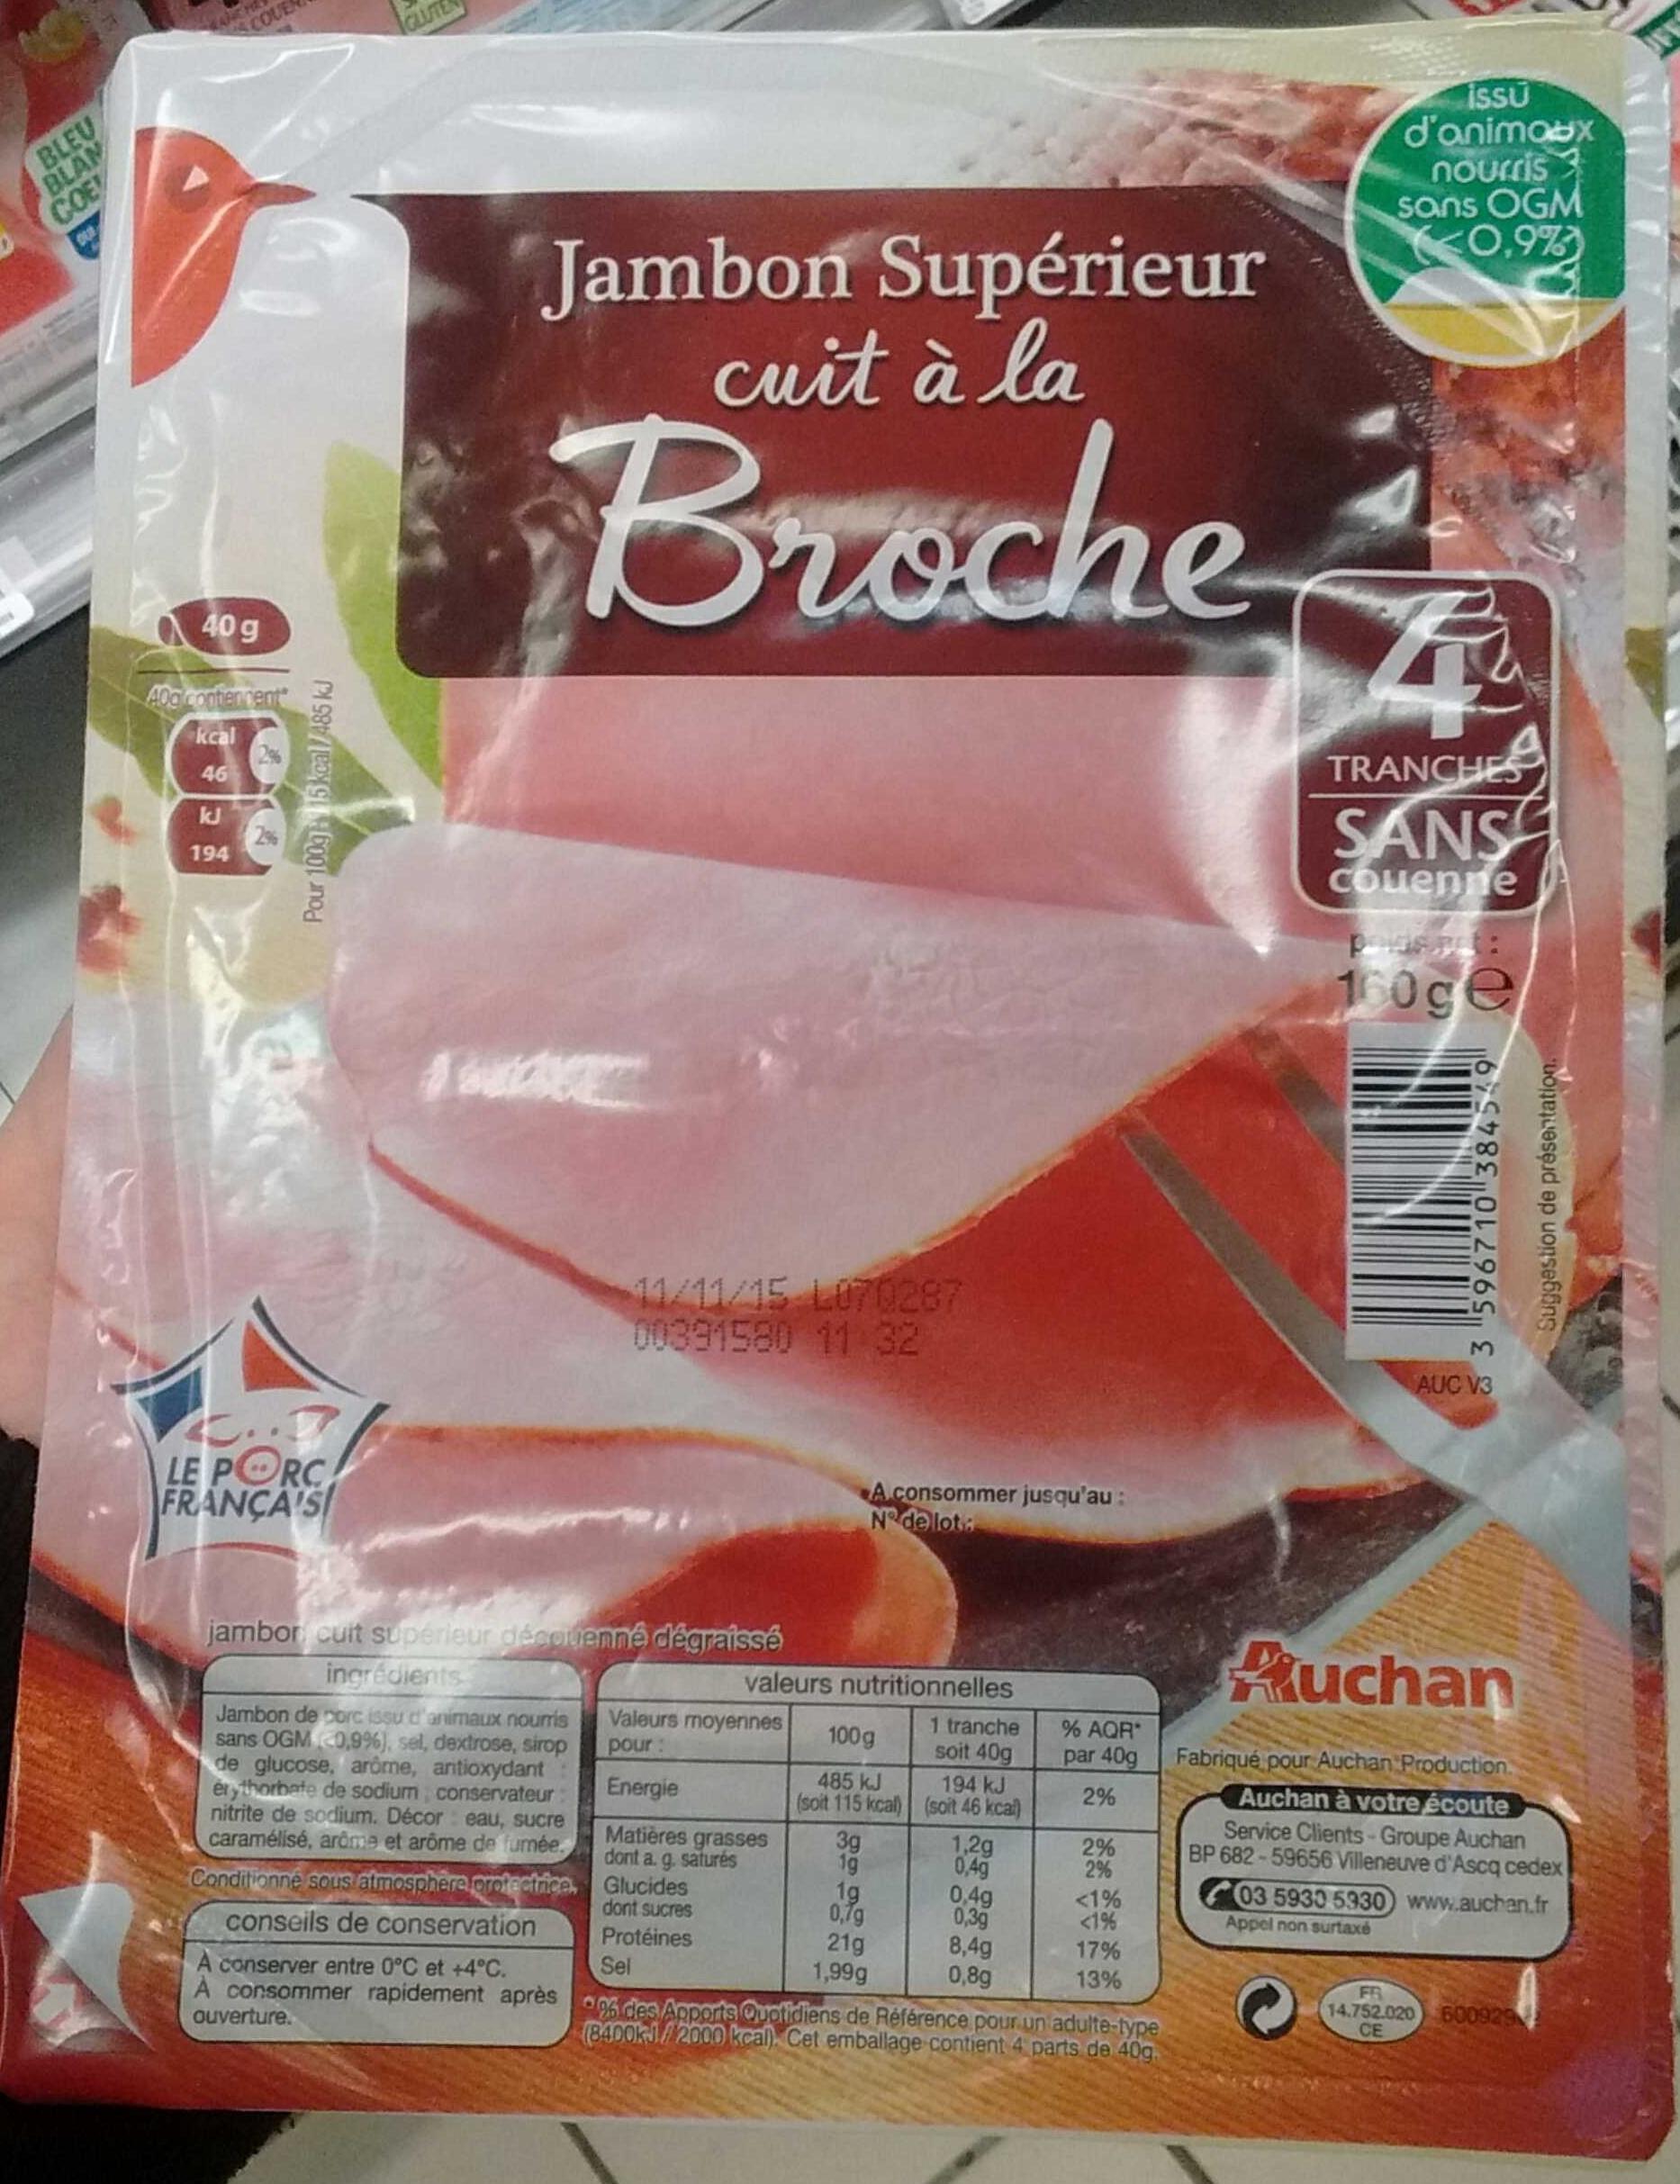 Jambon supérieur cuit à la broche - Product